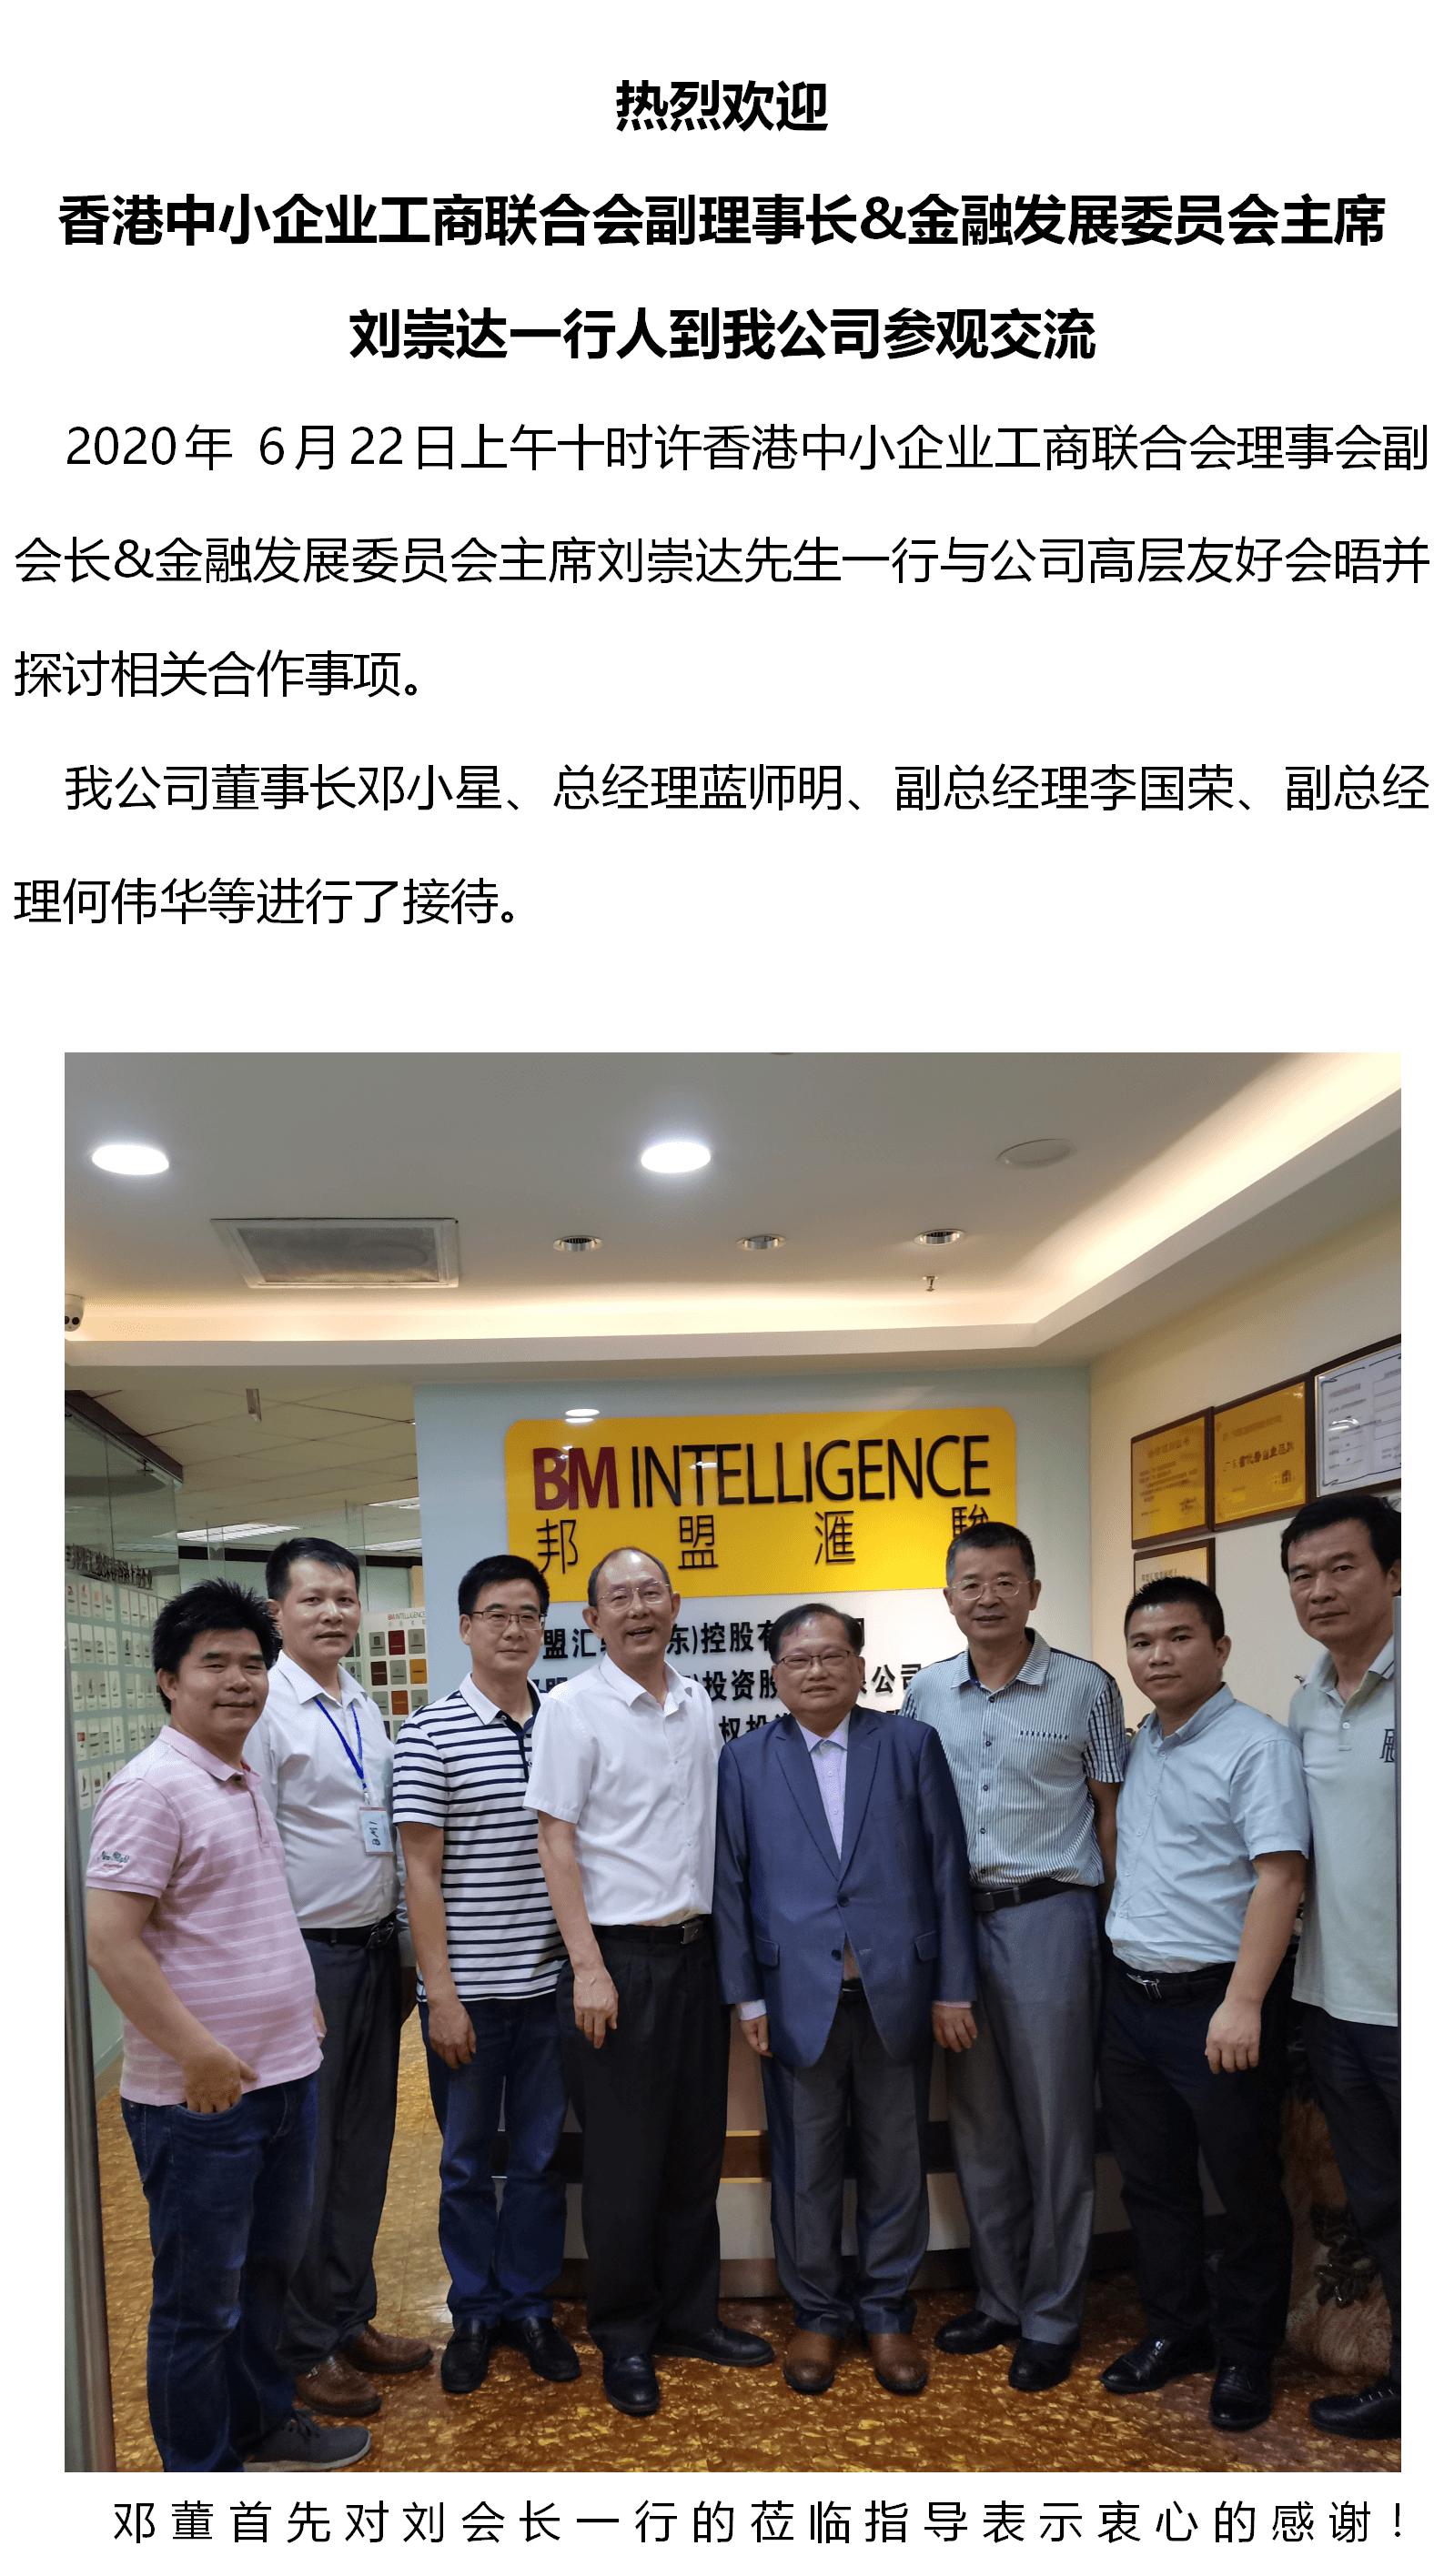 香港中小企业工商联合会到我公司参观交流